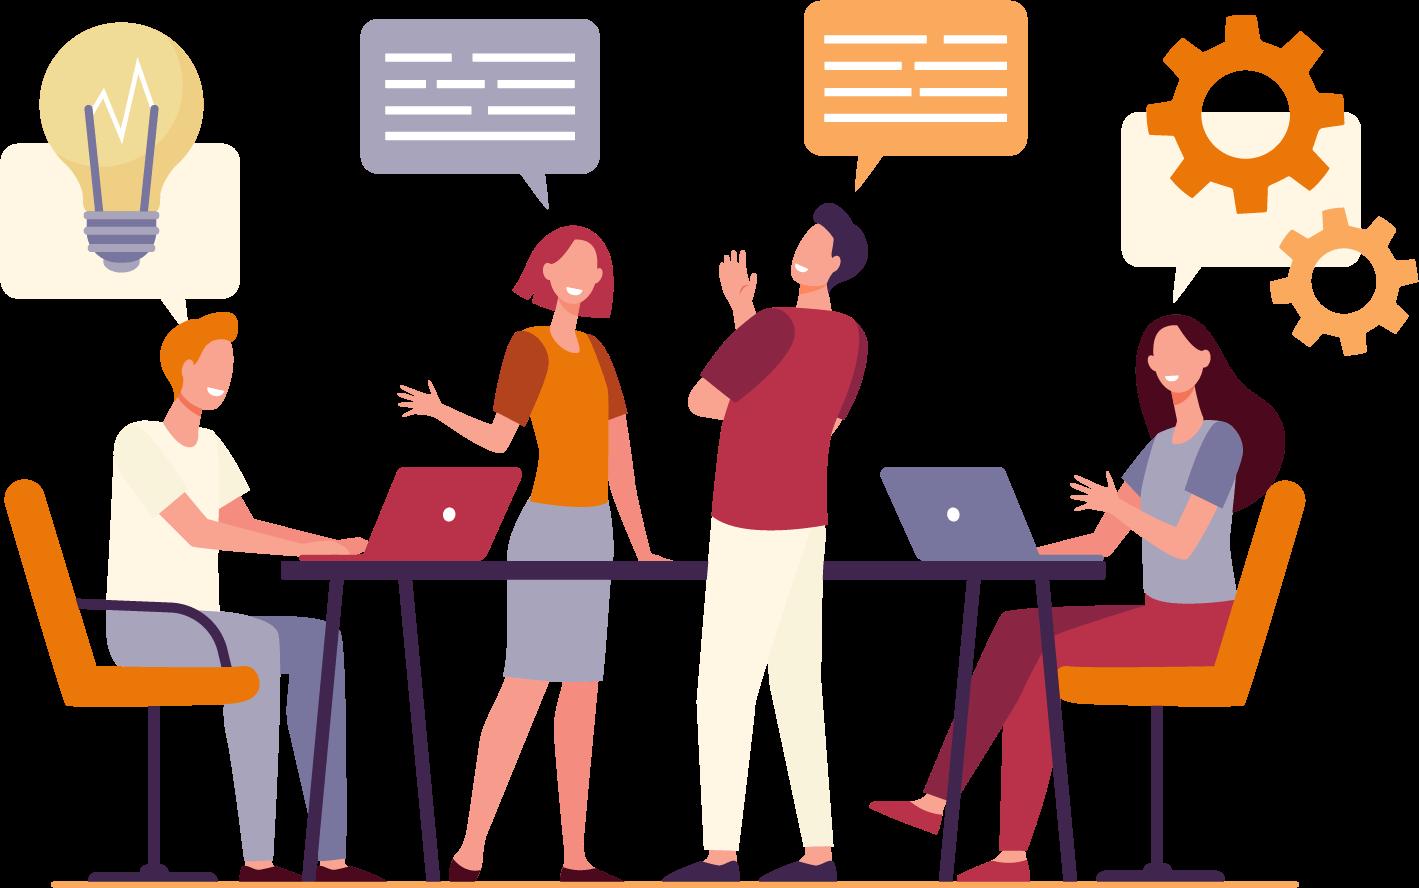 Sales - Bộ giải pháp quản trị khách hàng & phát triển kinh doanh toàn diện